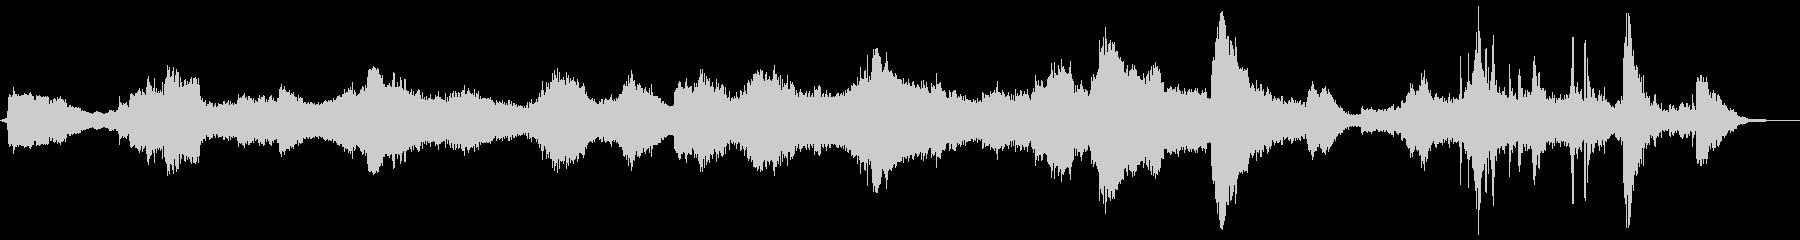 ホラーシーン向けのノイズアンビエントの未再生の波形